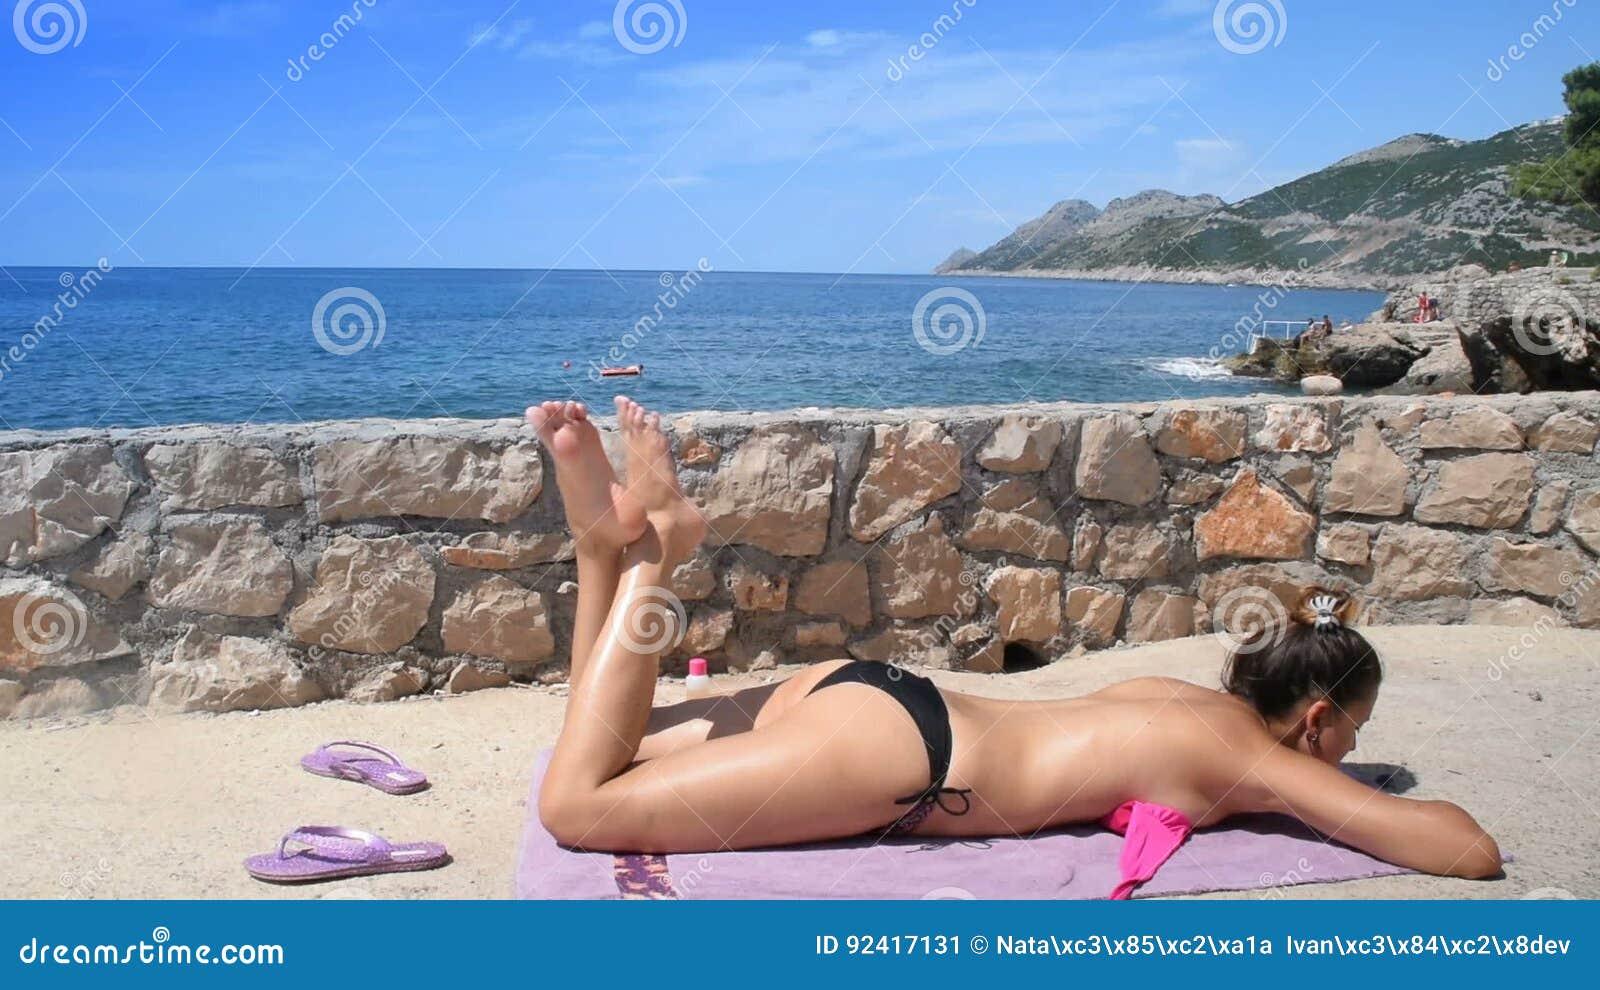 La Mujer Joven Muchacha Femenina En Un Bañador Está Tomando El Sol